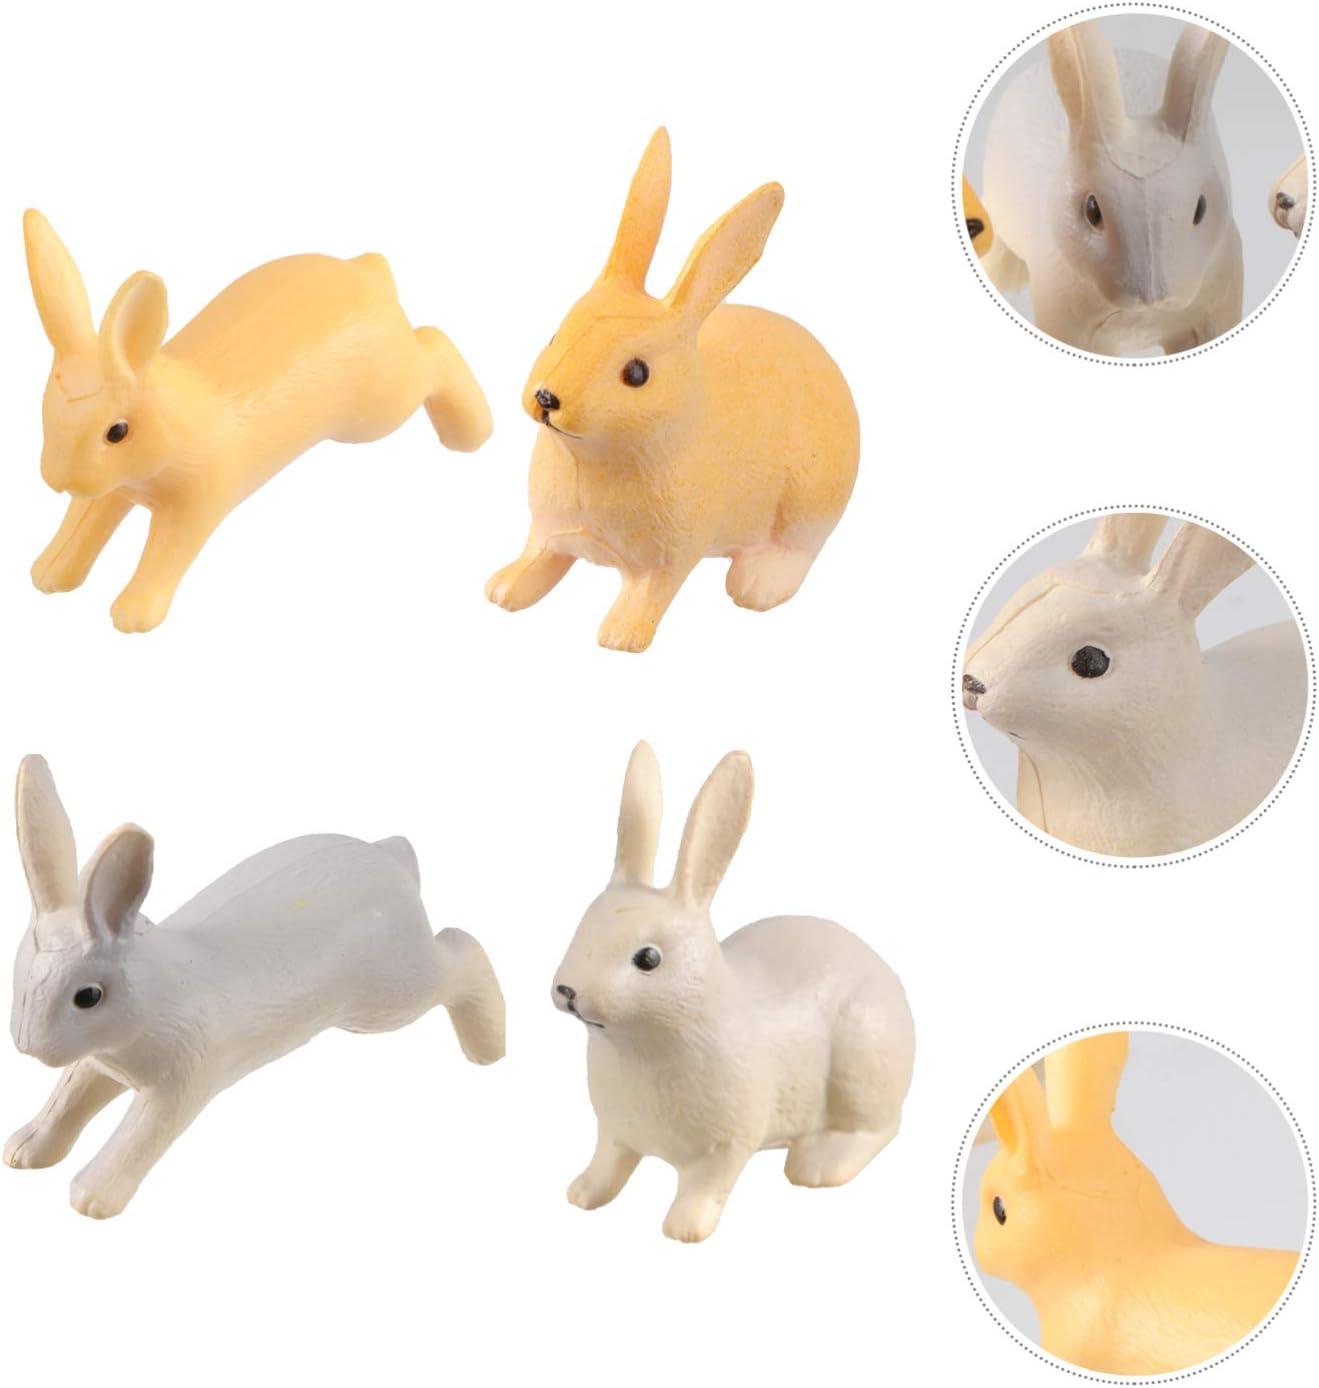 YARNOW 4 Piezas Mini Figuras de Conejito Lindo Animales en Miniatura Estatuas Jard/ín de Hadas Conejo Pastel de Pascua Decoraci/ón de La Magdalena Jard/ín de Hadas Casa de Mu/ñecas Micro